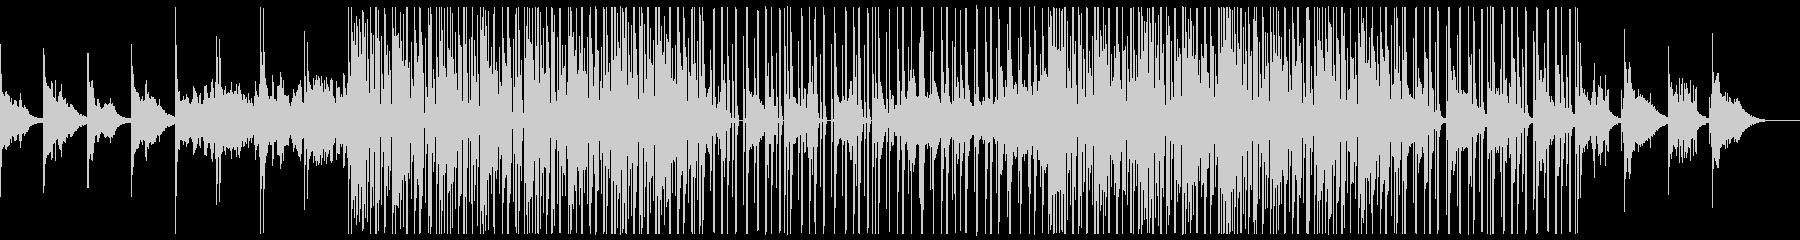 ダークなエレクトロBGMの未再生の波形